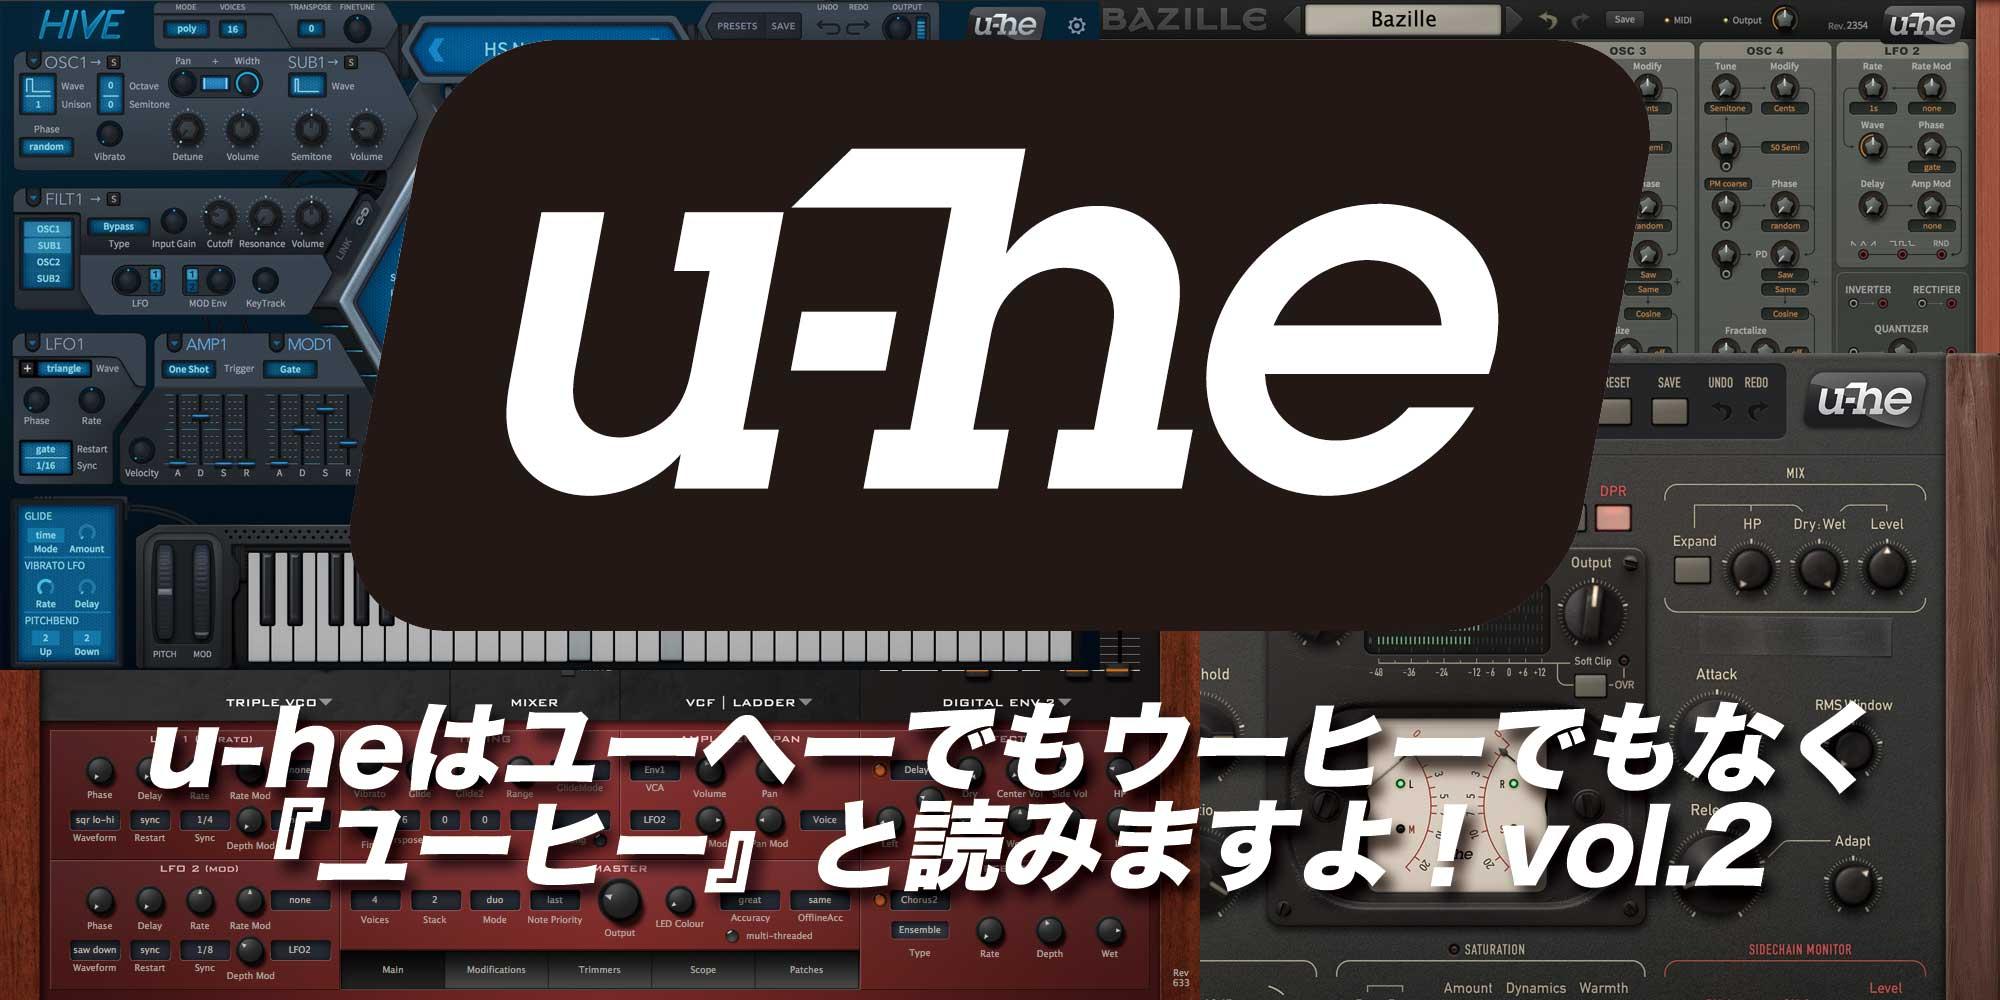 【新連載】u-heはユーヘーでもウーヒーでもなく『ユーヒー』と読みますよ!vol.2